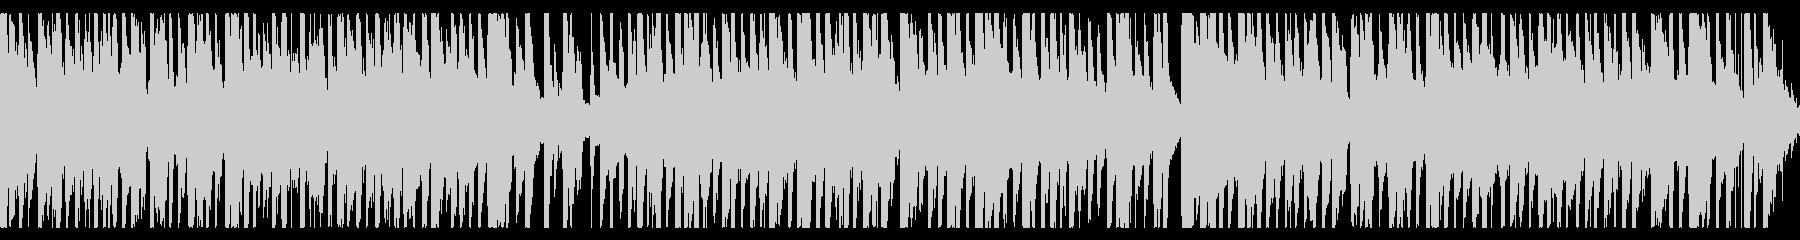 民族風哀愁漂うコミカルBGM(loop)の未再生の波形